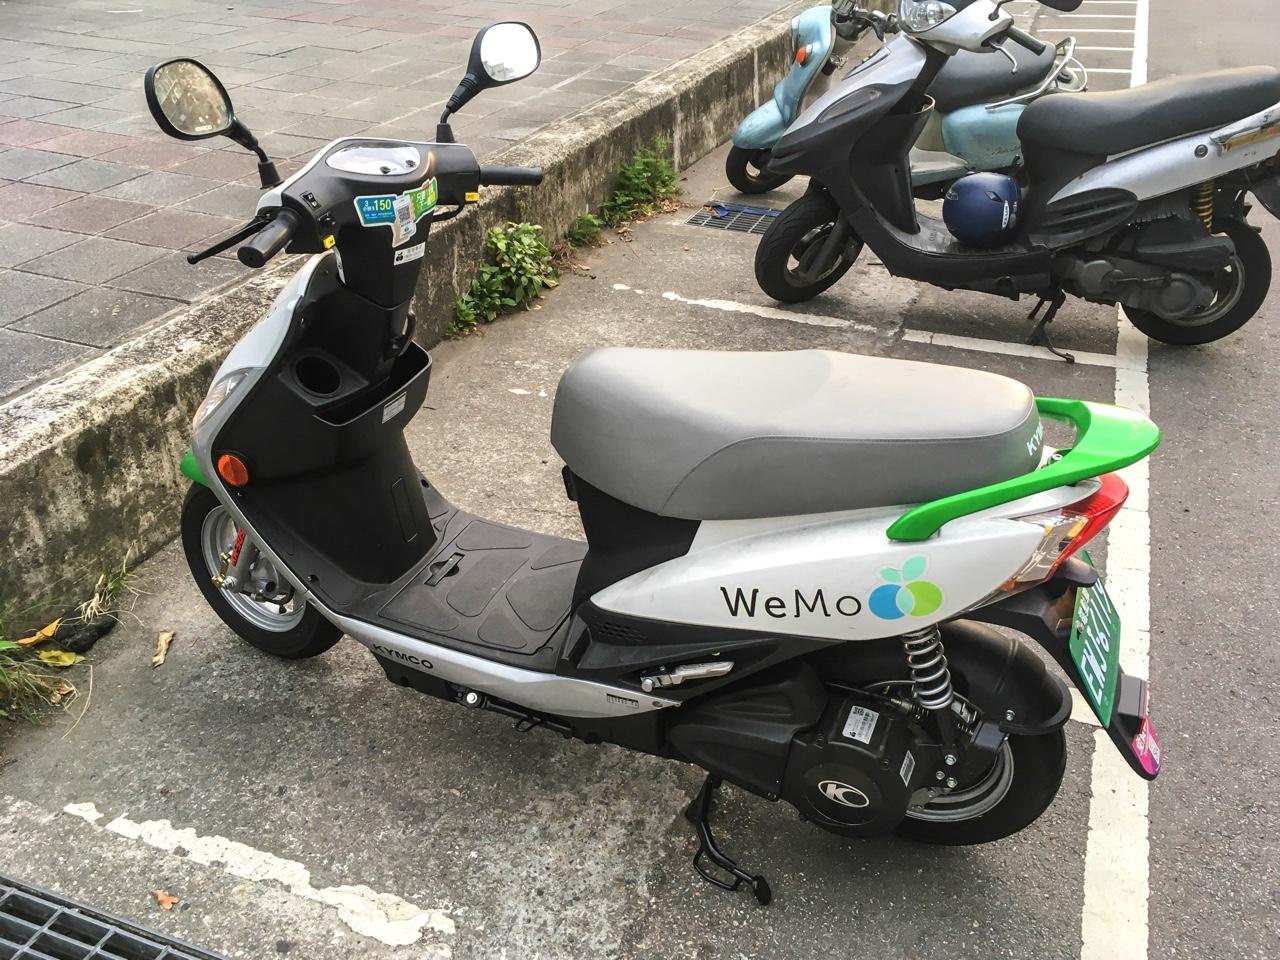 二輪車駐停車スペースに停車したWeMo